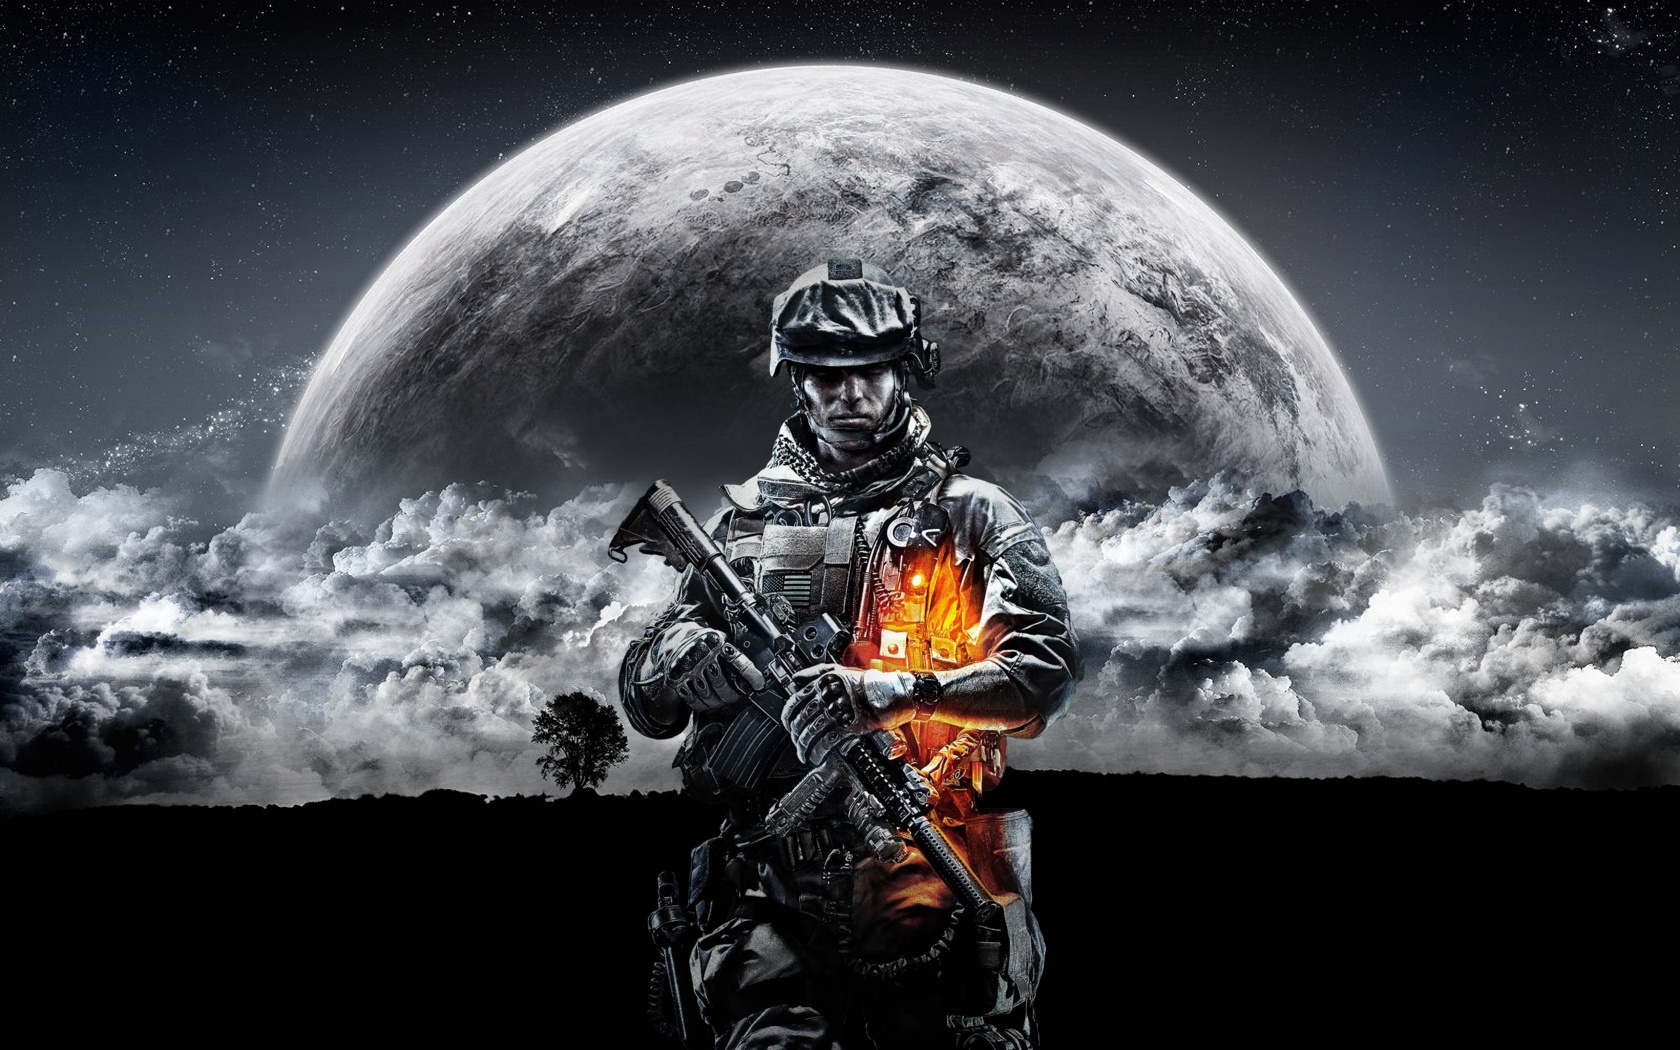 Battlefield 4 Wallpaper 7310 1680x1050 px ~ HDWallSource.com